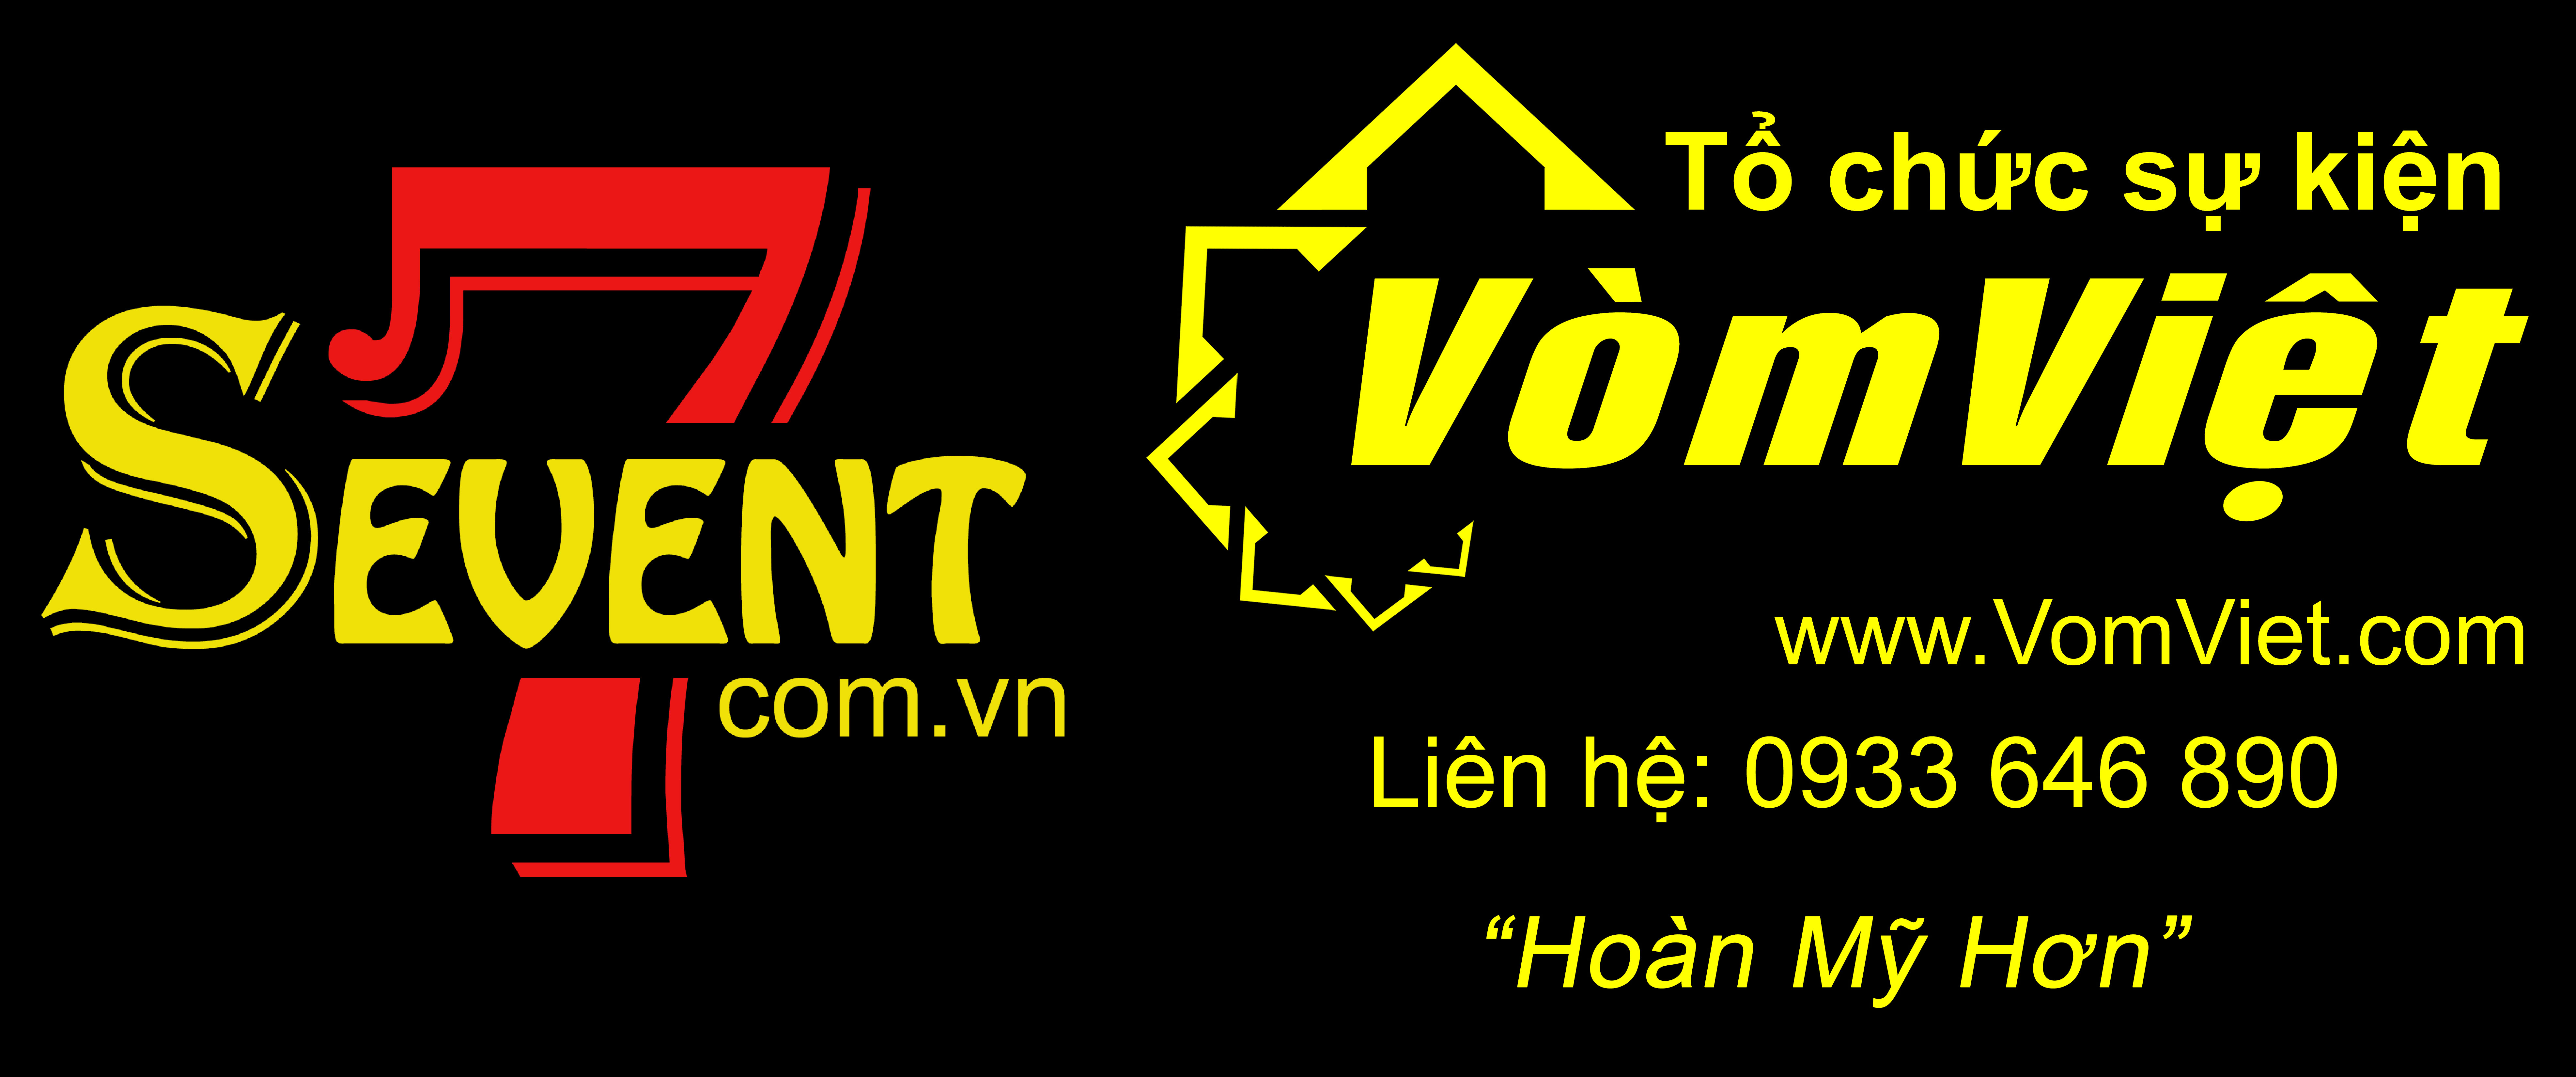 Cảm Nhận Của Anh Em Vòm Việt – Tháng 08